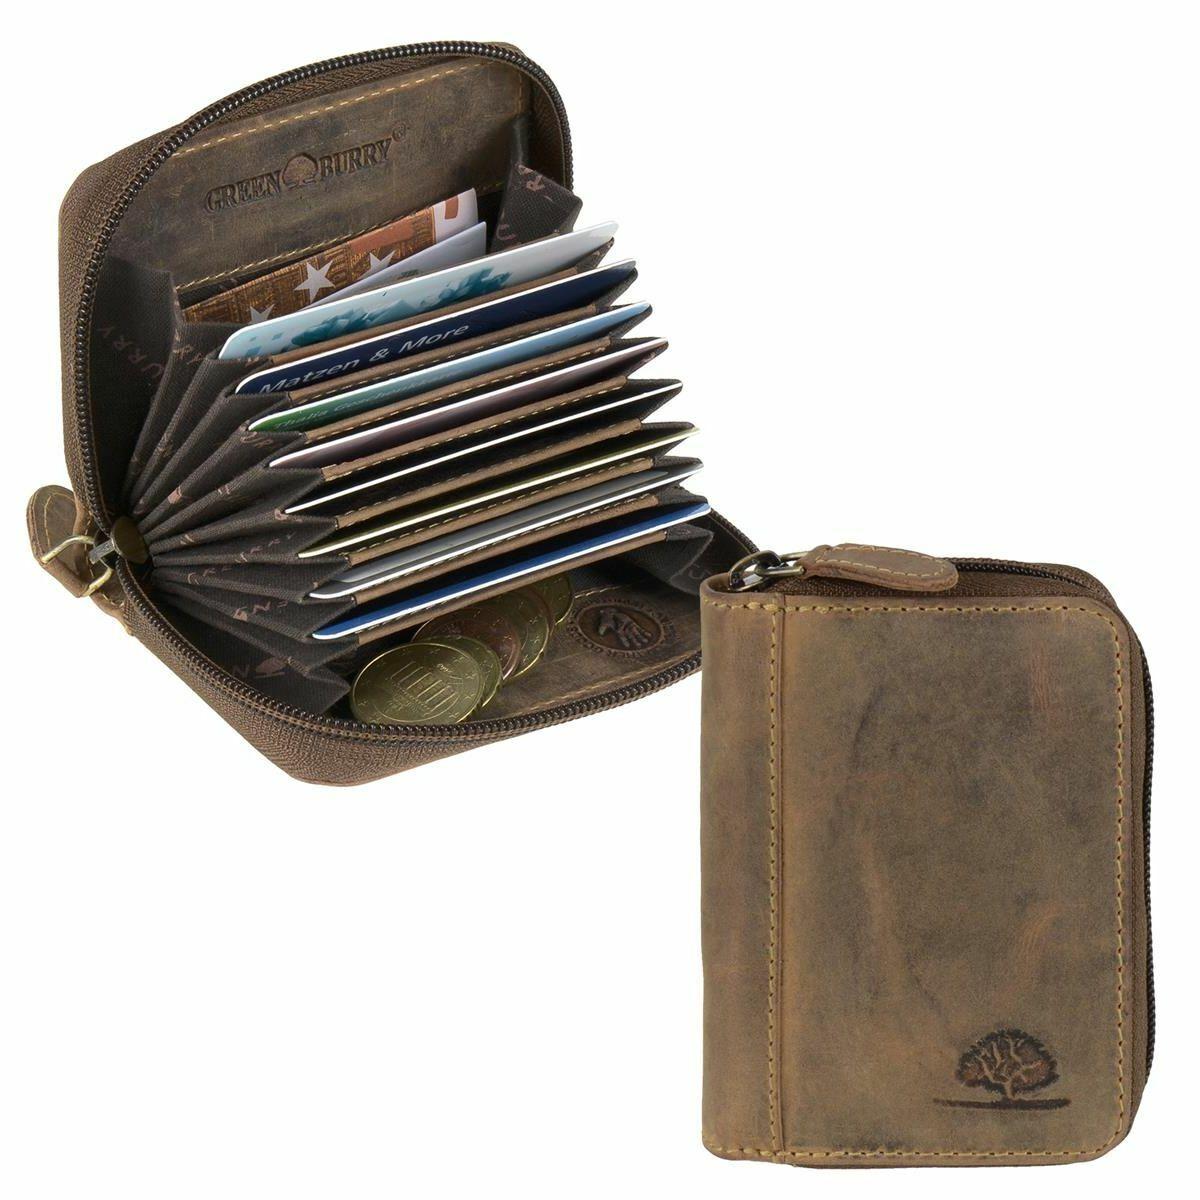 Greenburry Kartenetui Kartenbörse Leder mit 8 Kartenfächern und RFID Schutz neu